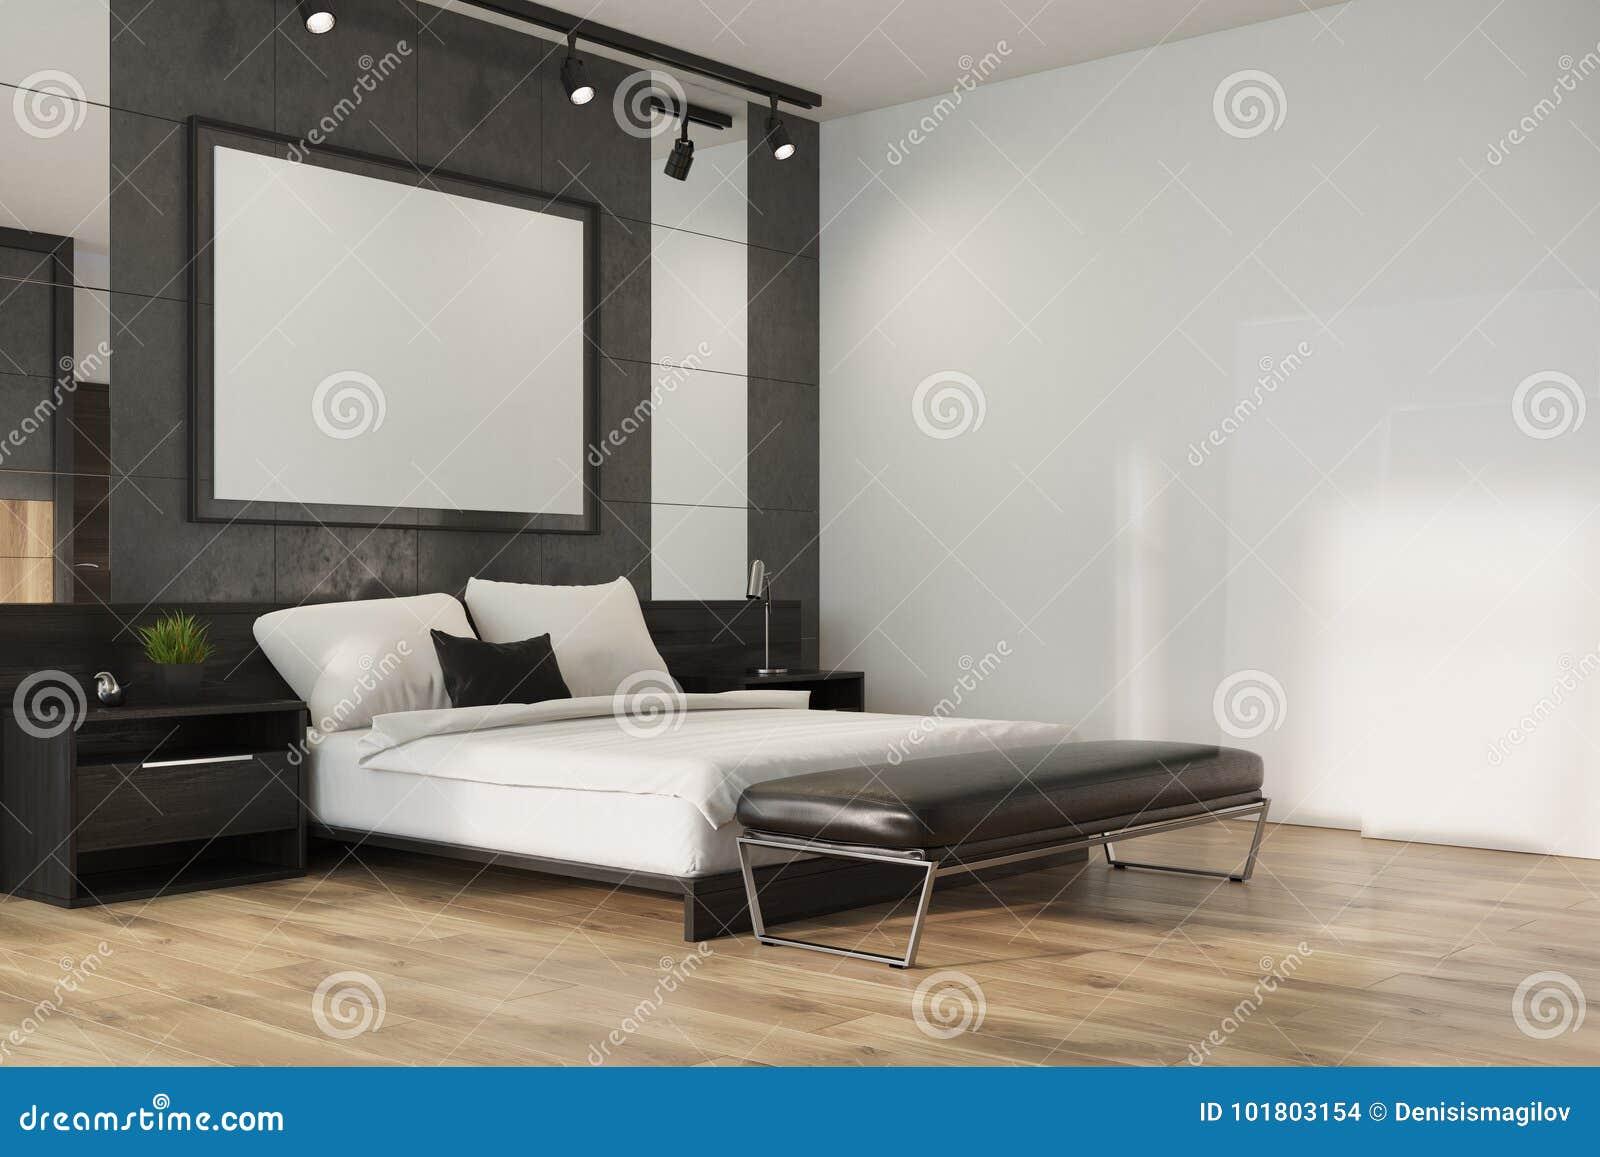 Angolo Del Letto : Camera da letto grigia del sottotetto angolo del manifesto